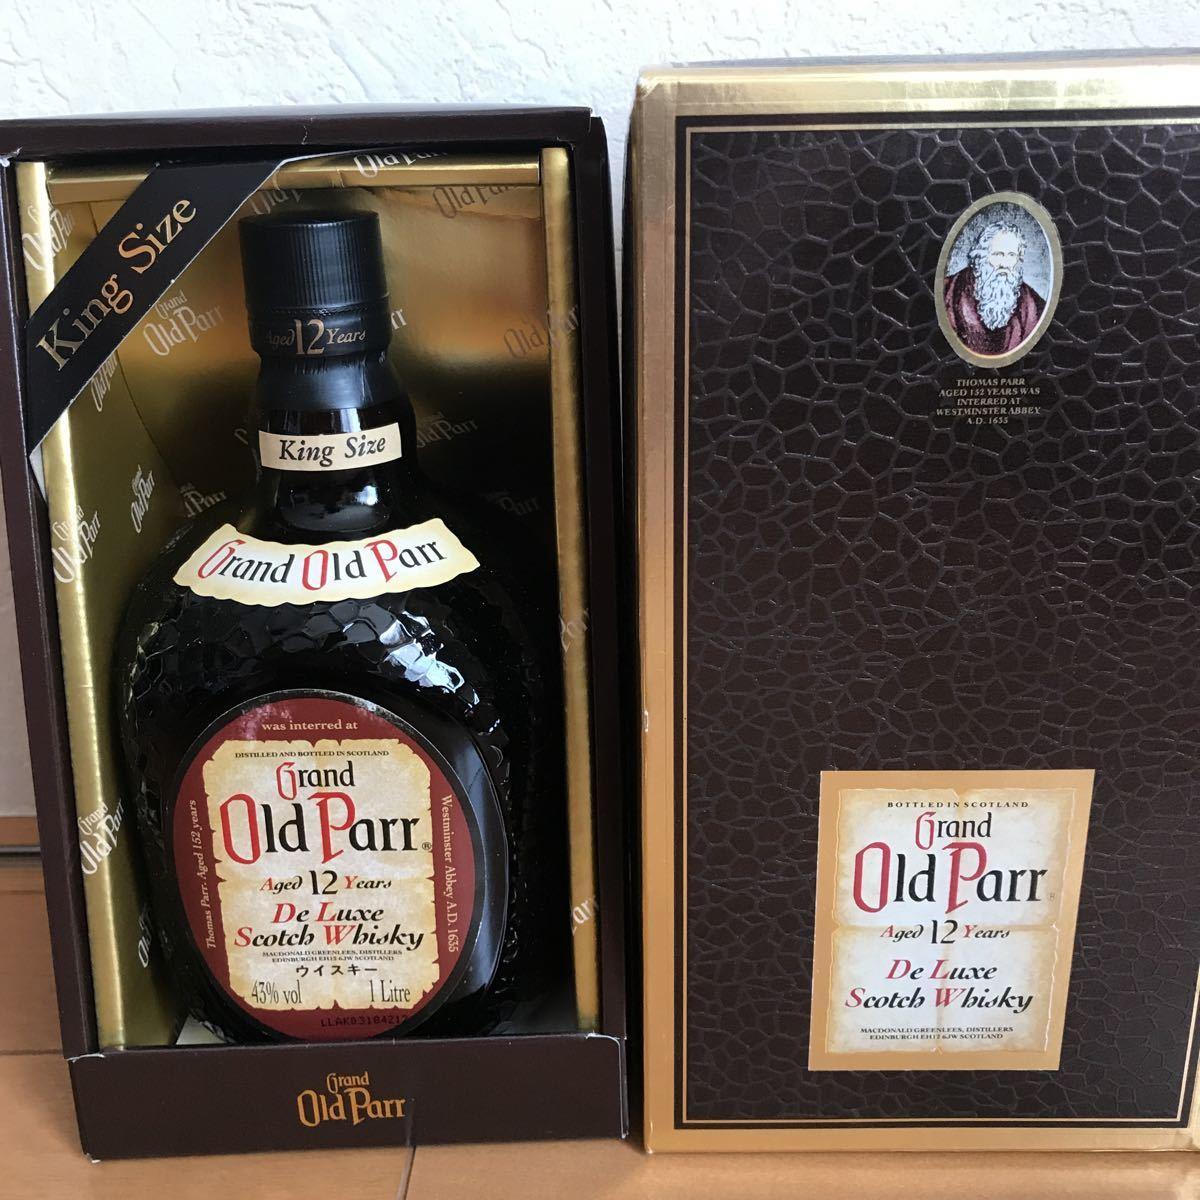 新品 未開封 古酒 グランド オールドパー 12年 43% 1l 箱入り キングサイズ